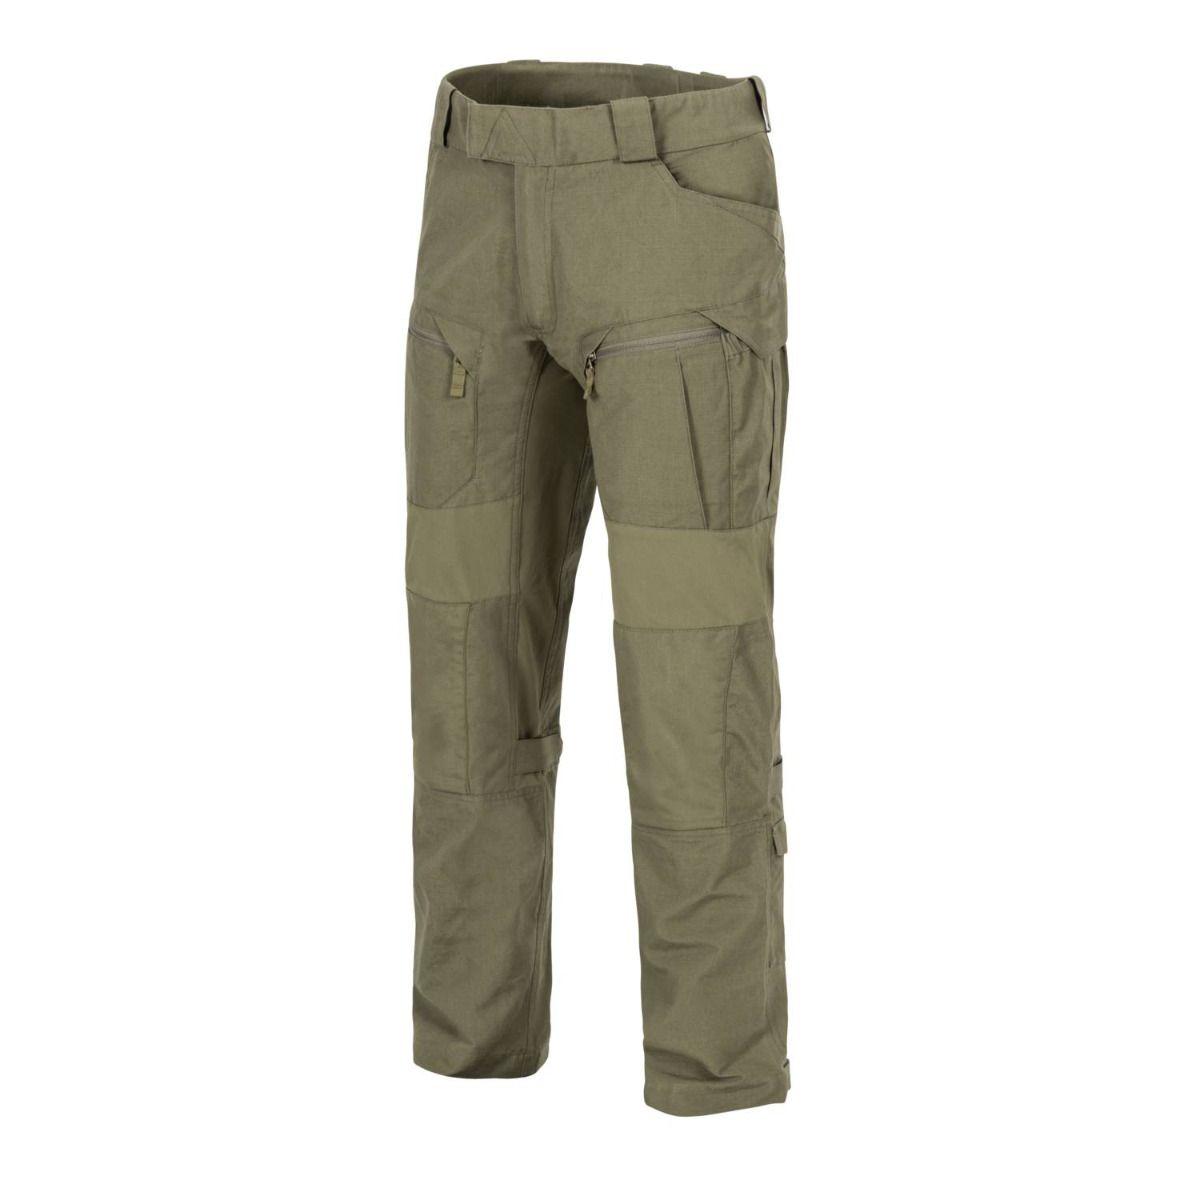 Kalhoty VANGUARD Combat ADAPTIVE GREEN - zvìtšit obrázek